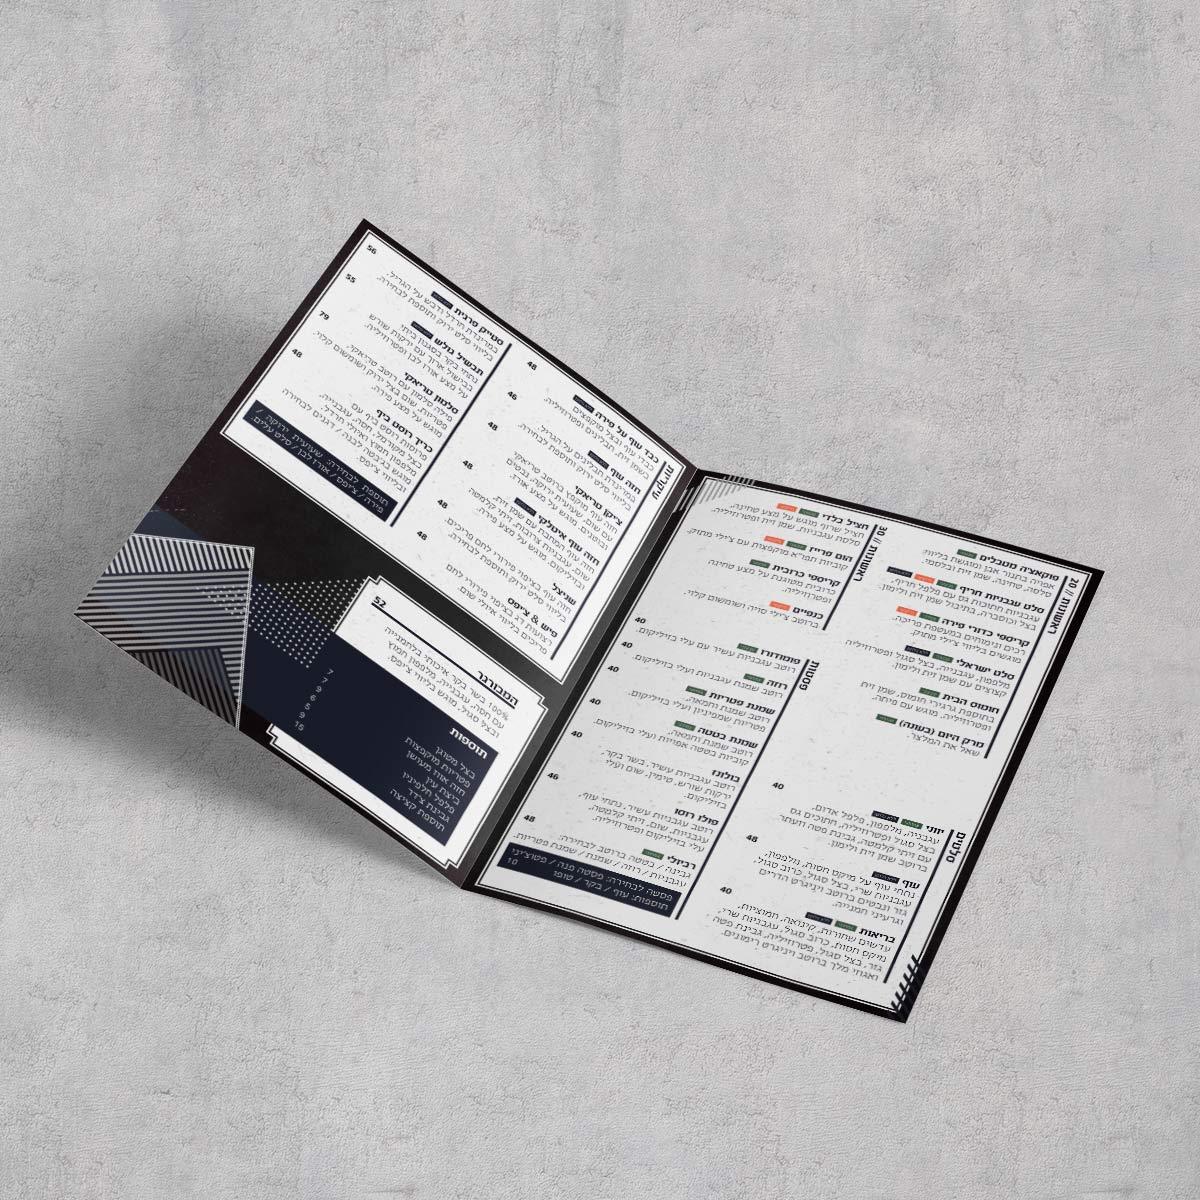 עיצוב תפריט למסעדה קינג ג'ורג' חולון | ליאור דקל ליבה